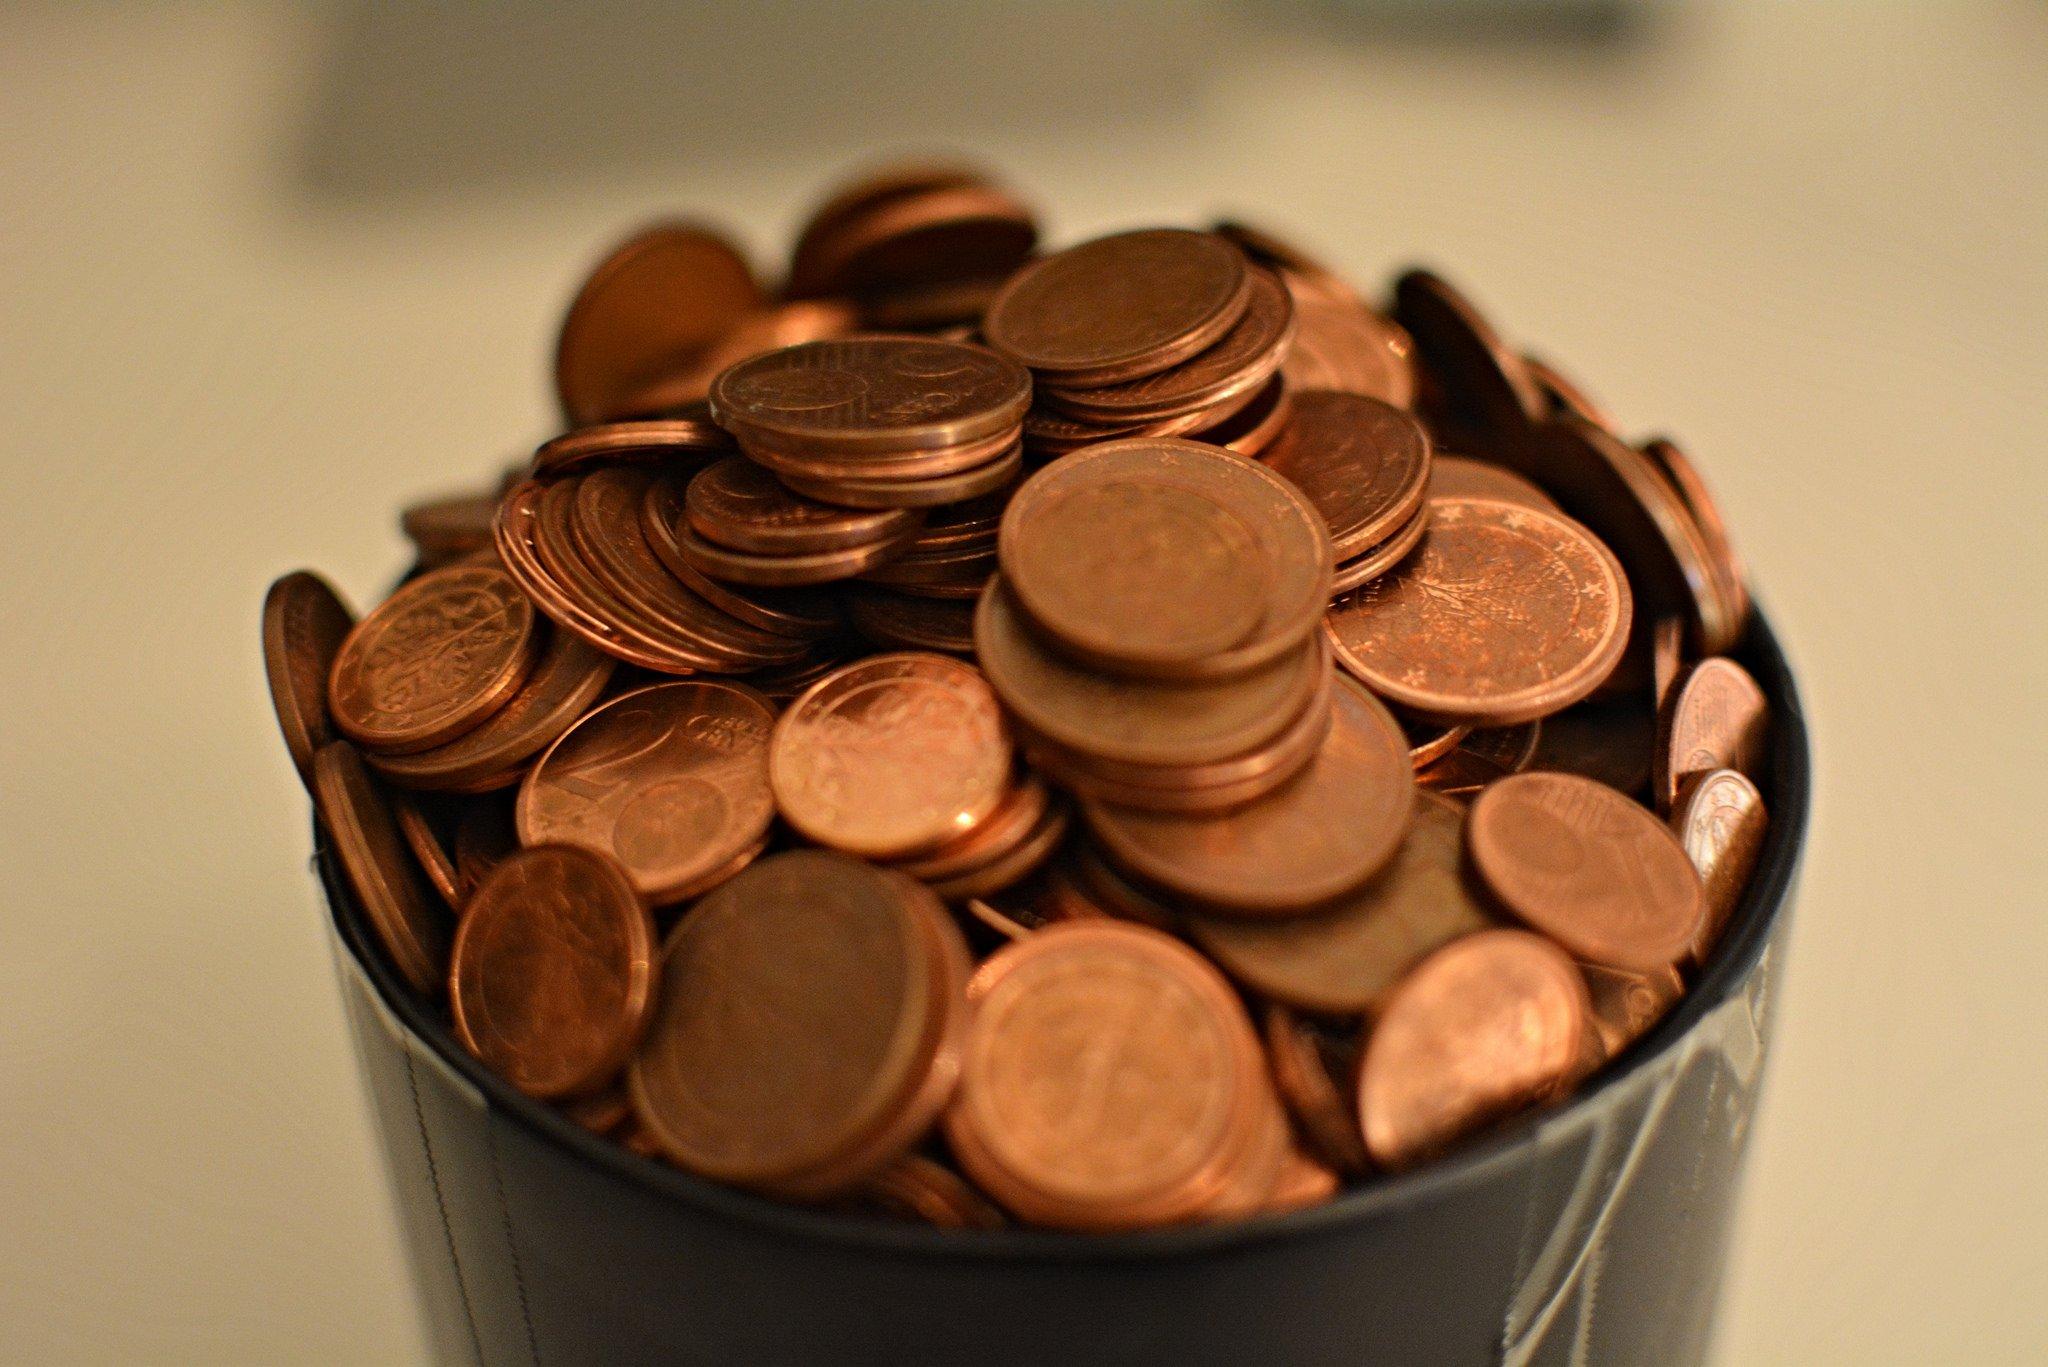 53a120f452 Dal 2018 addio alle monete da 1 e 2 centesimi. Scopri cosa cambierà